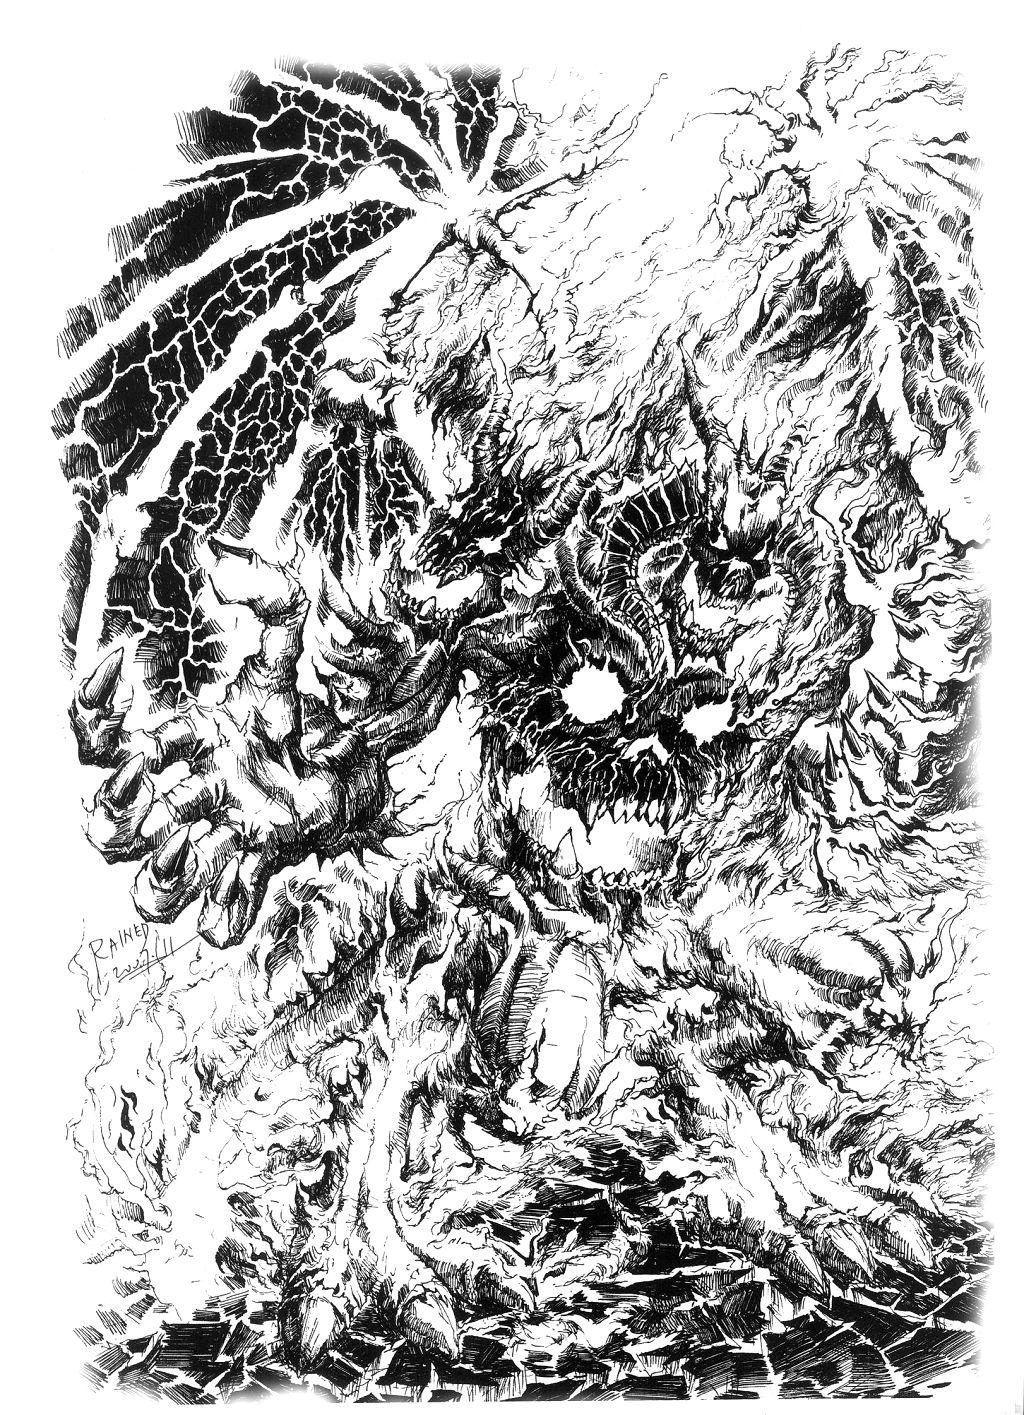 魔兽世界 - 漫画壁纸-[魔兽漫画]